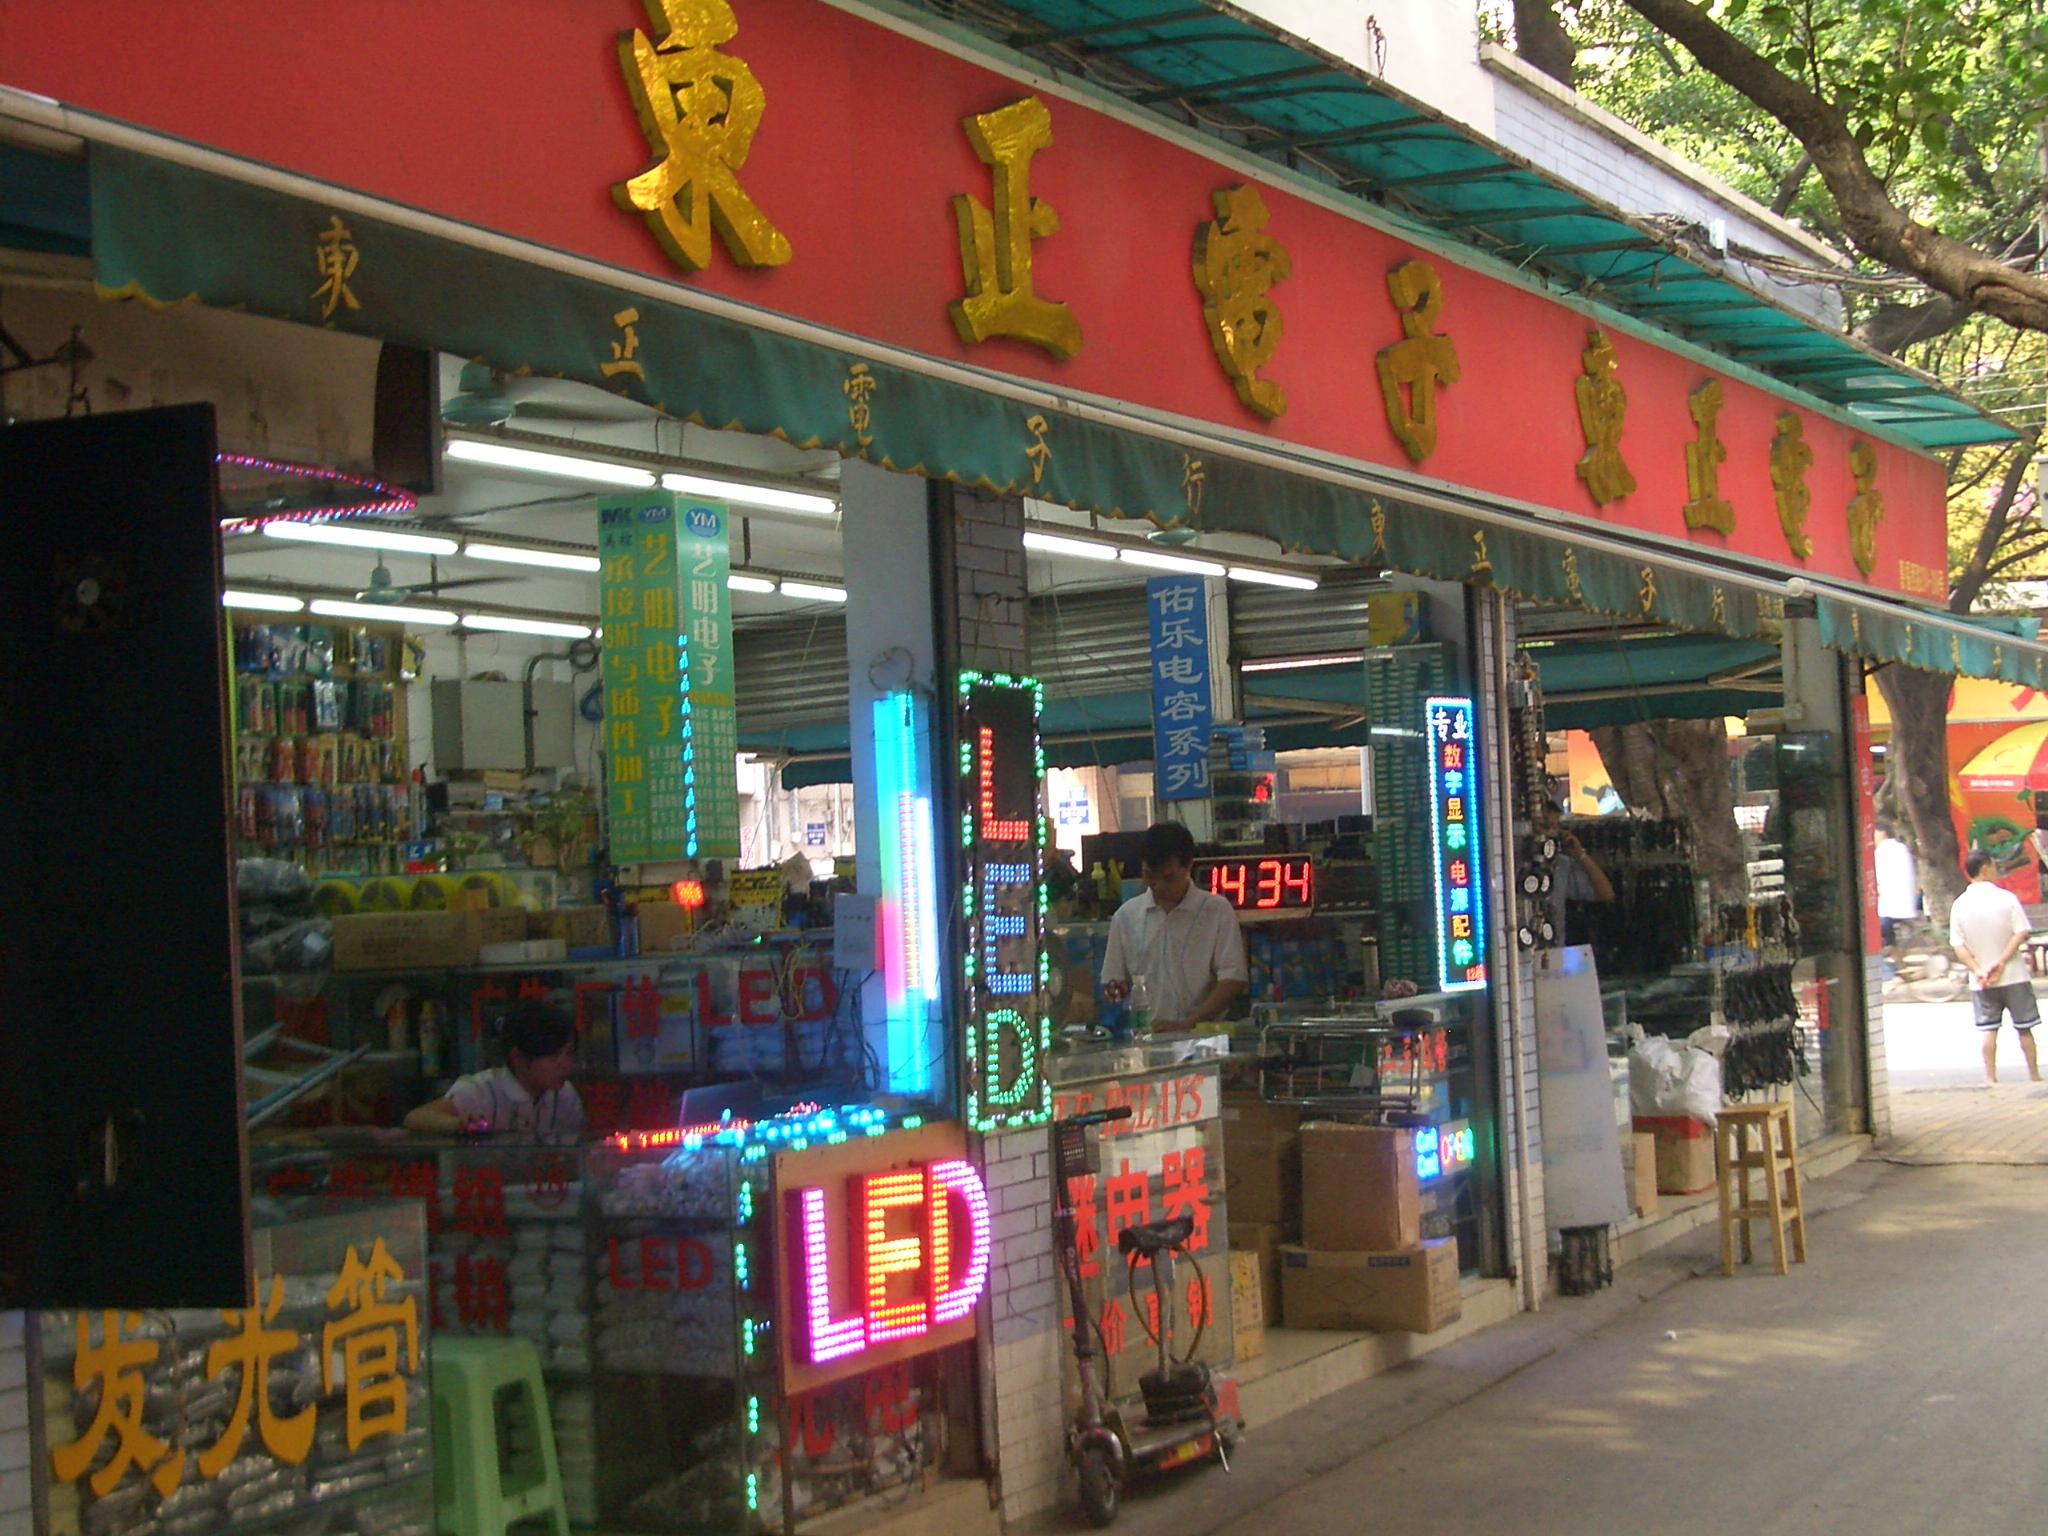 File:Guangzhou-electronic-components-shop-0528 jpg - Wikimedia Commons